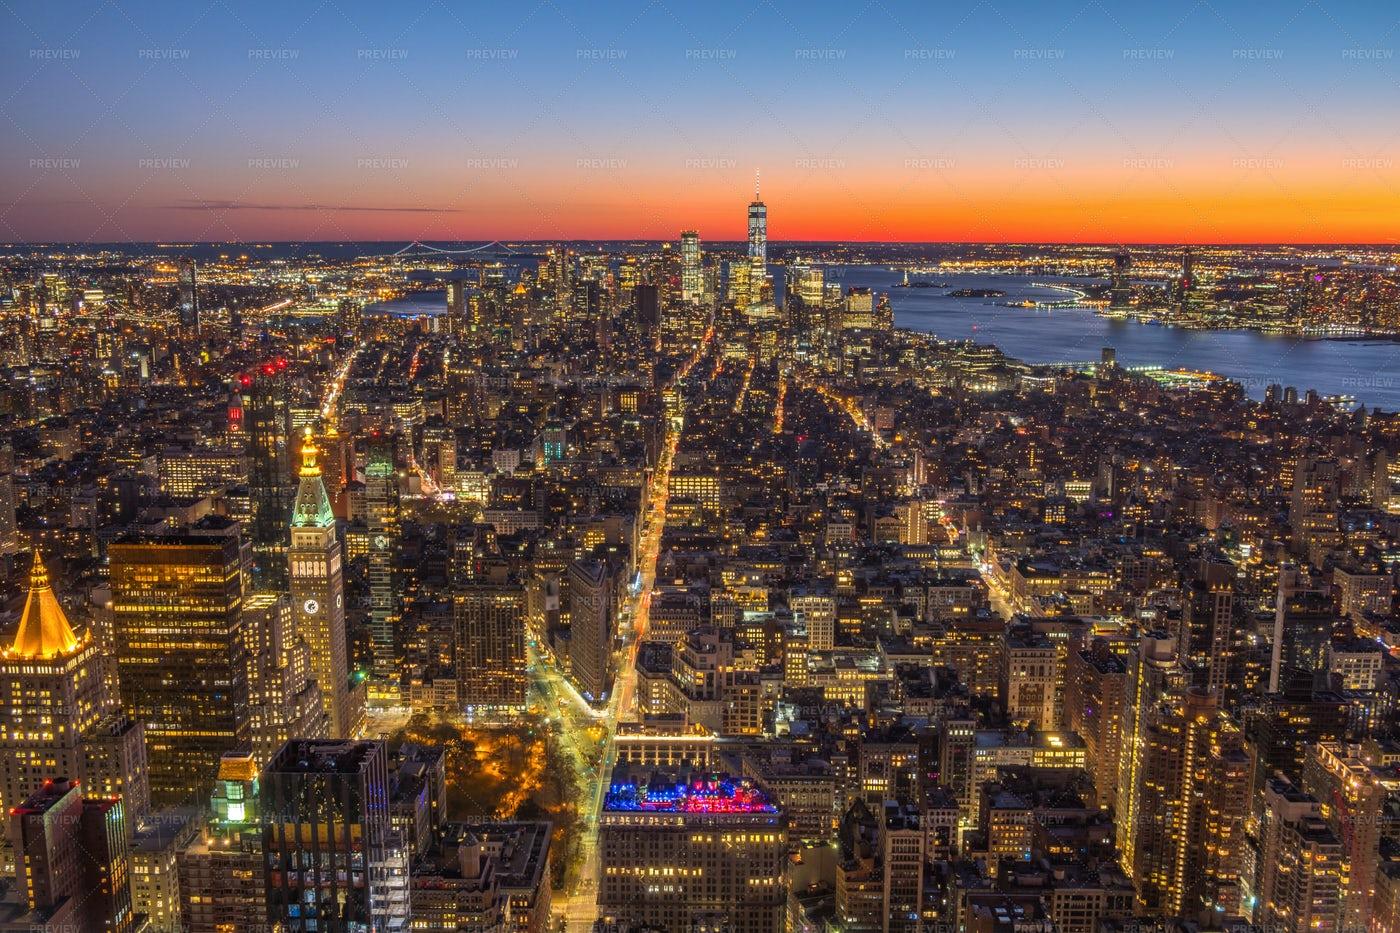 Illuminated Cityscape Of Manhattan: Stock Photos